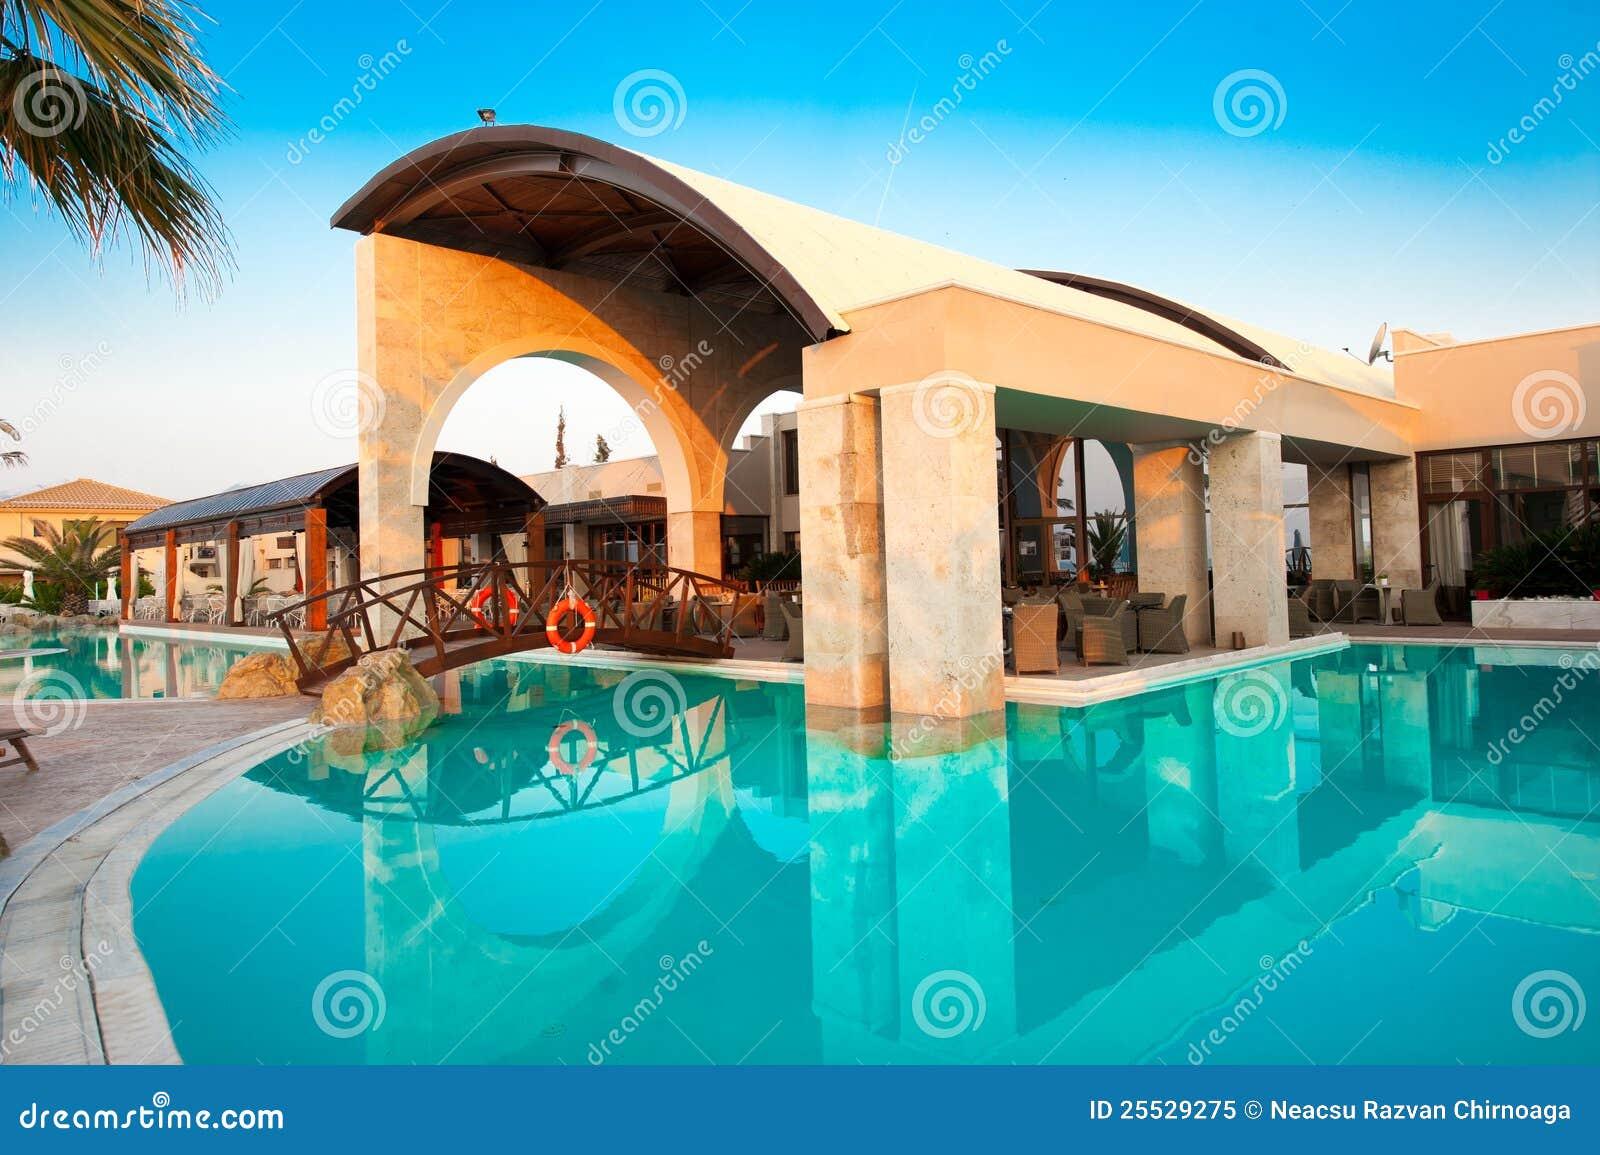 Piscine dans une ressource de vacances photos stock for Apprendre a plonger dans une piscine